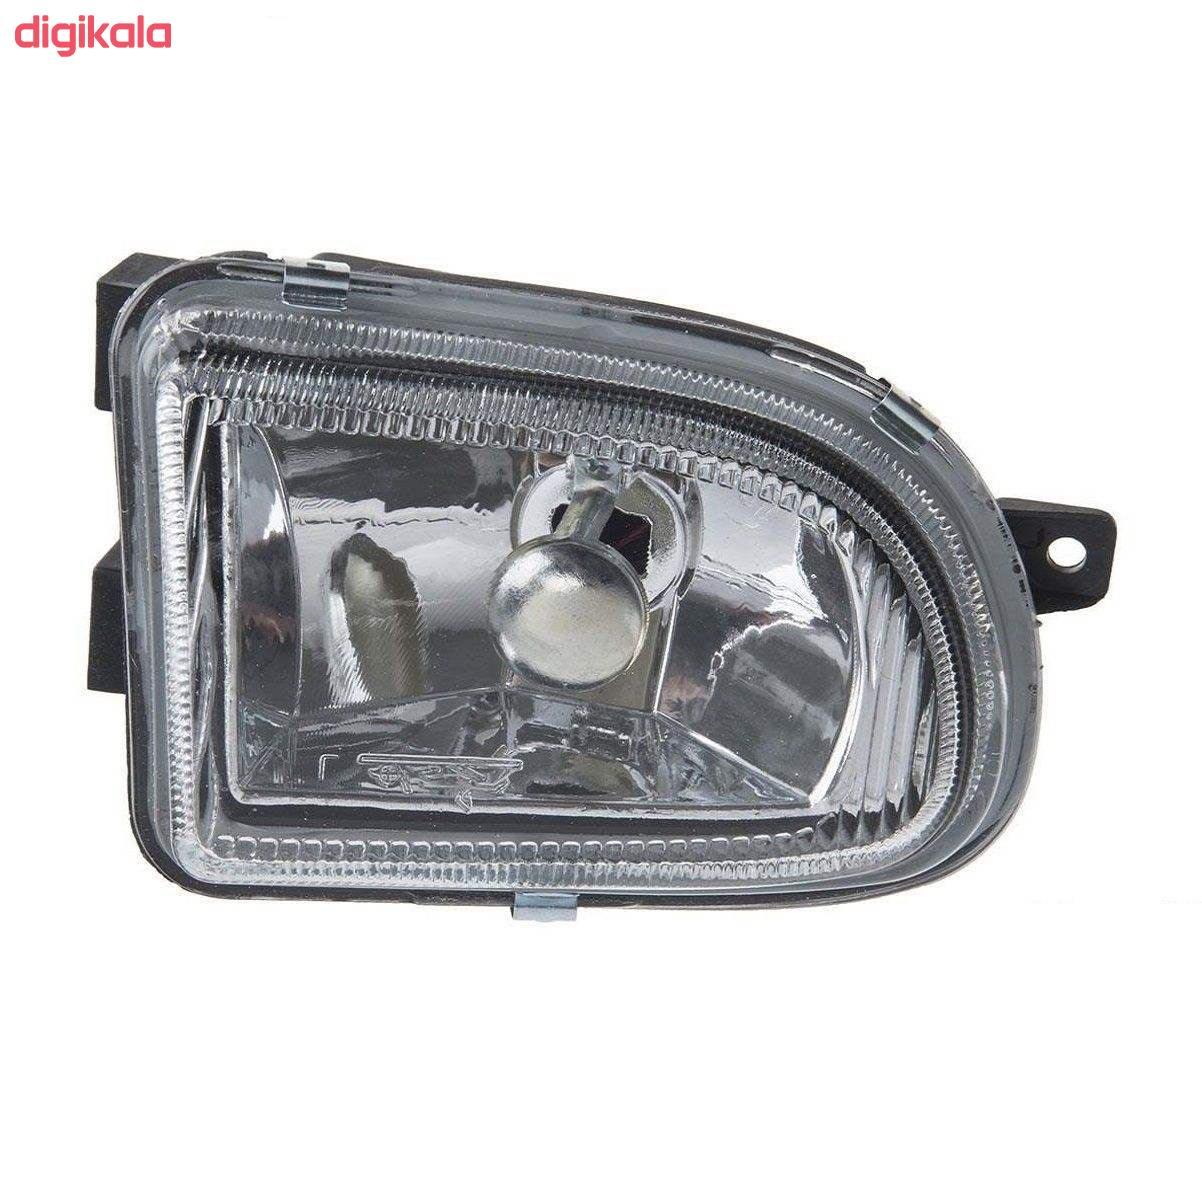 چراغ مه شکن  خودرو فن آوران پرتو الوند مدل AM 5964LR مناسب برای سمند بسته 2 عددی main 1 1